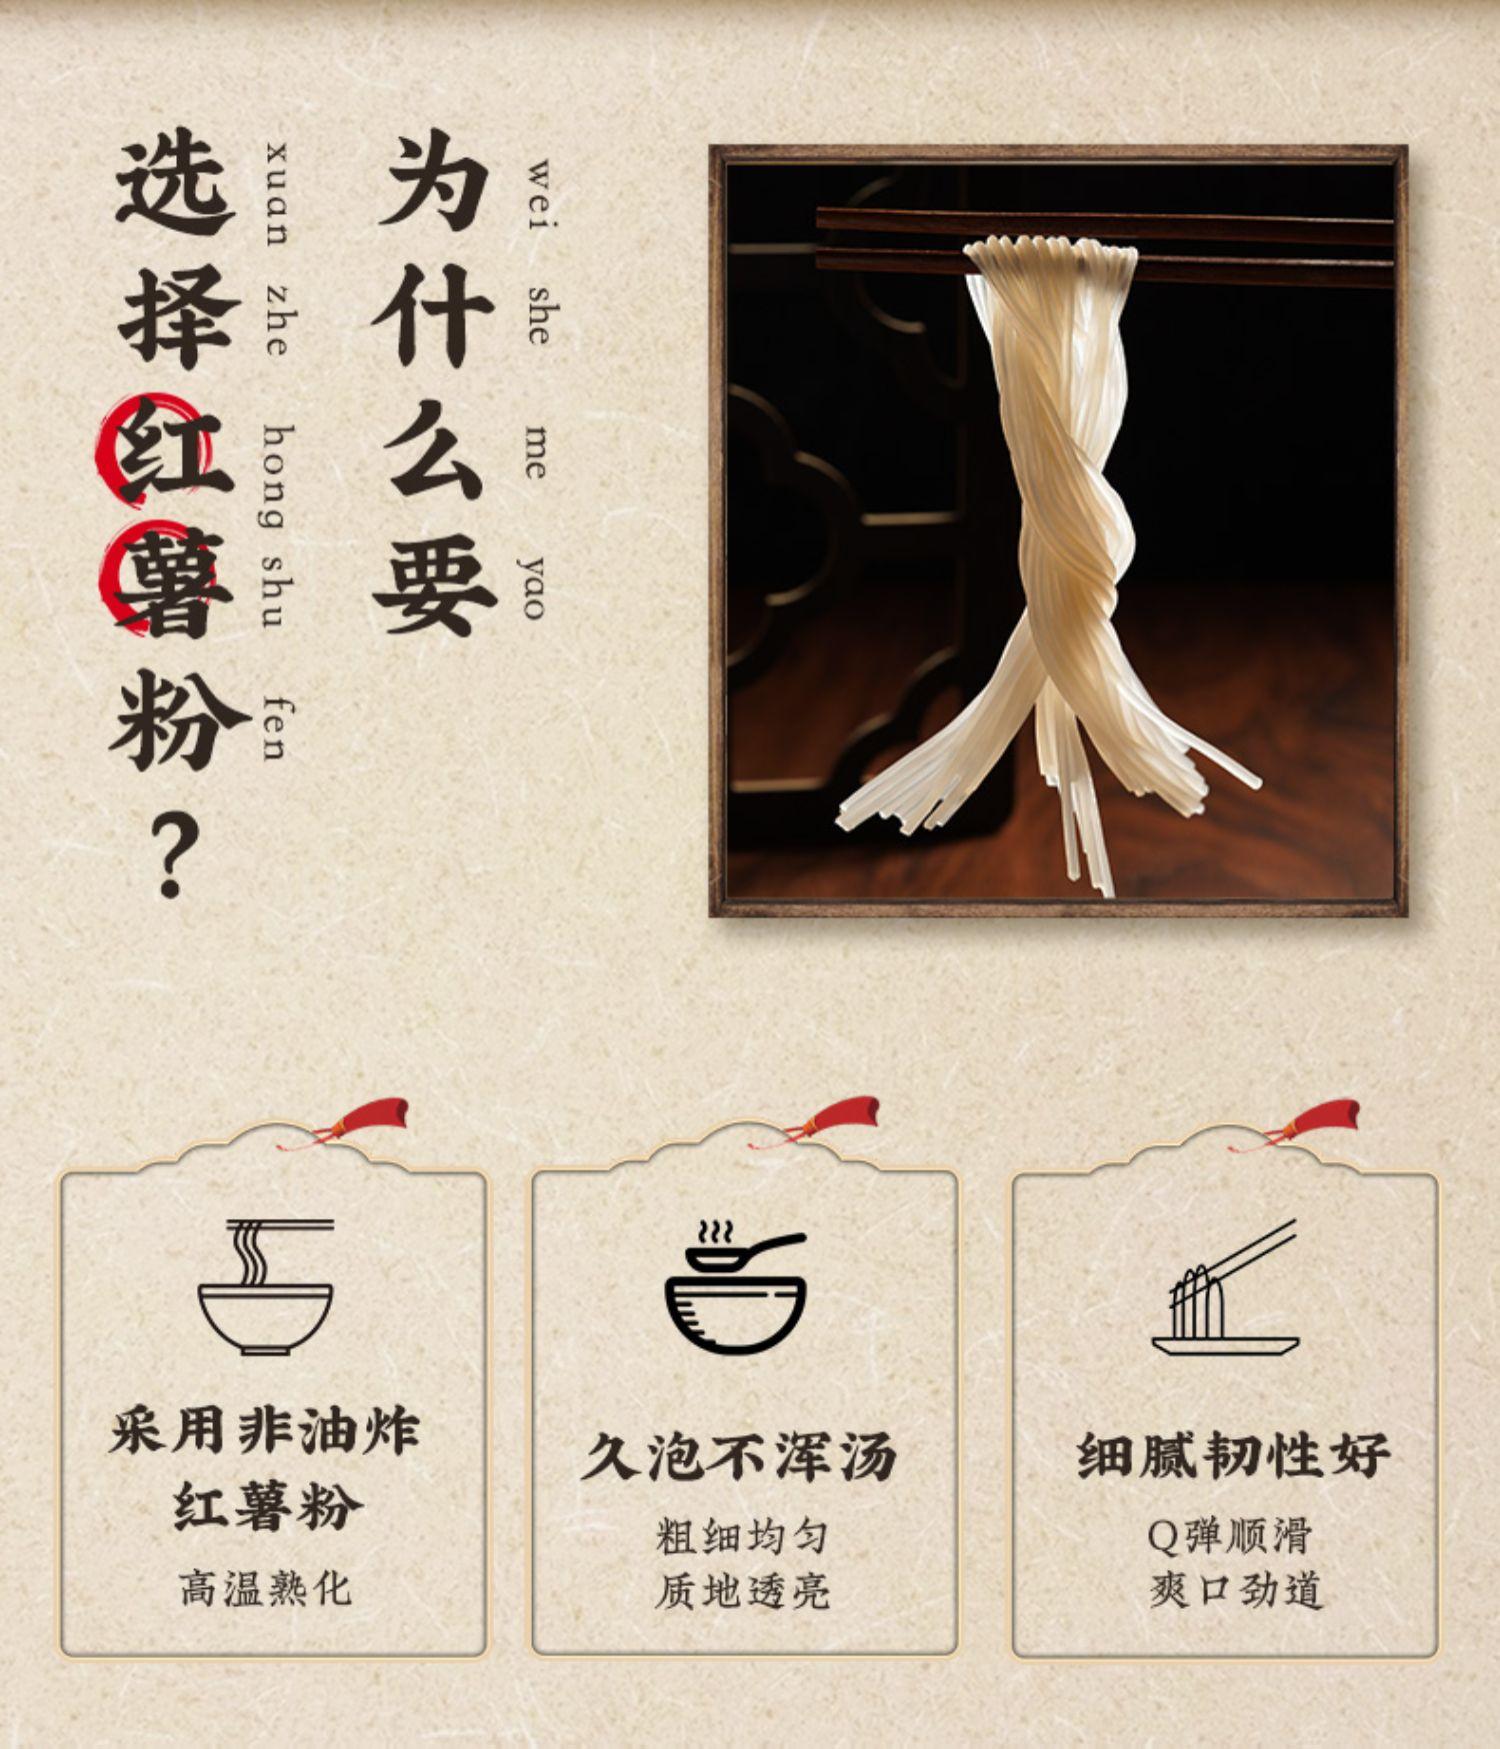 【锅圈食汇】岳云鹏代言酸辣粉3桶